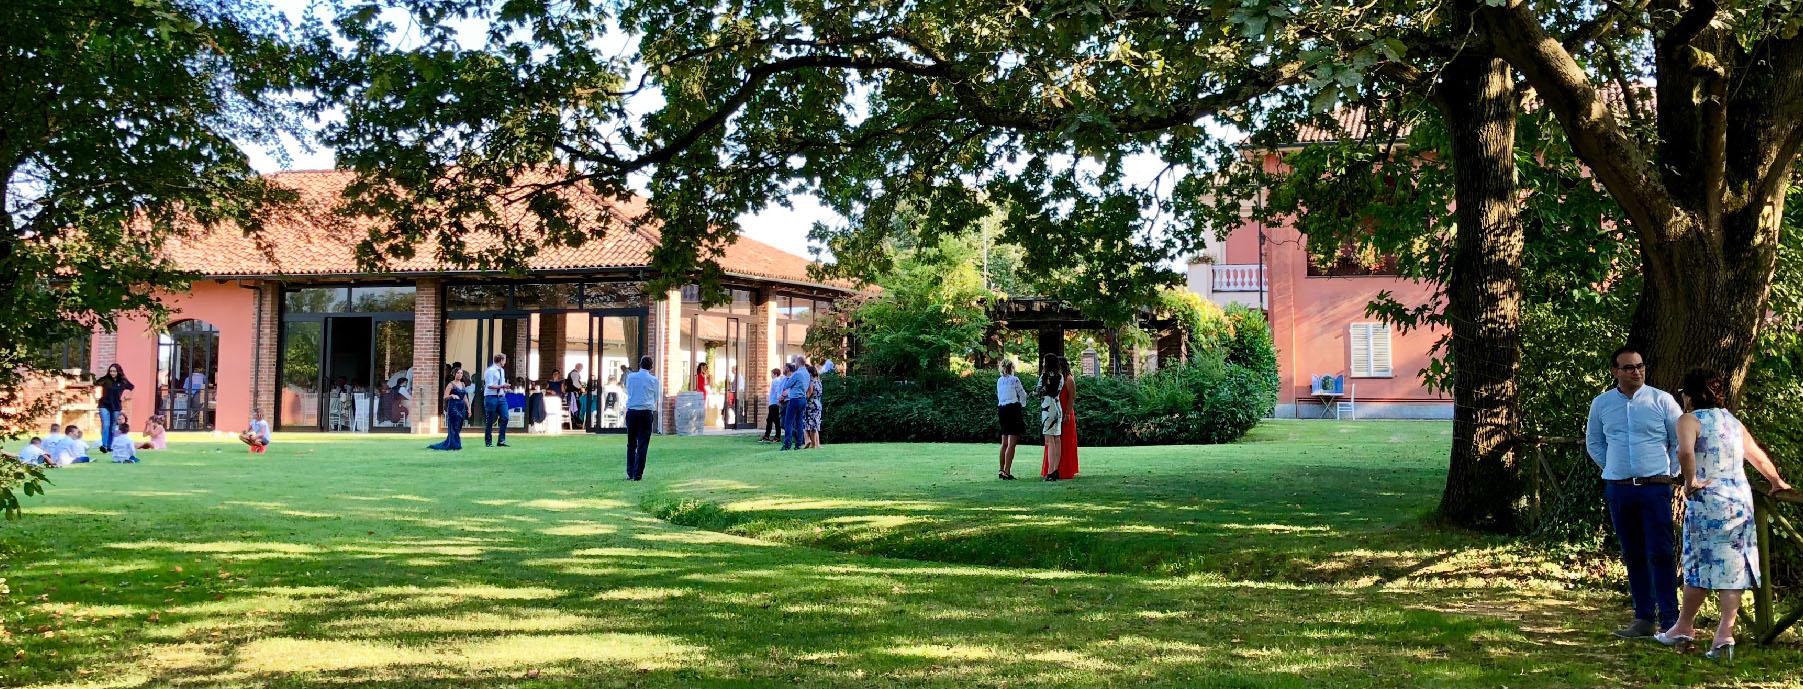 Villa Fiorita accoglierà gli invitati per il tuo matrimonio.